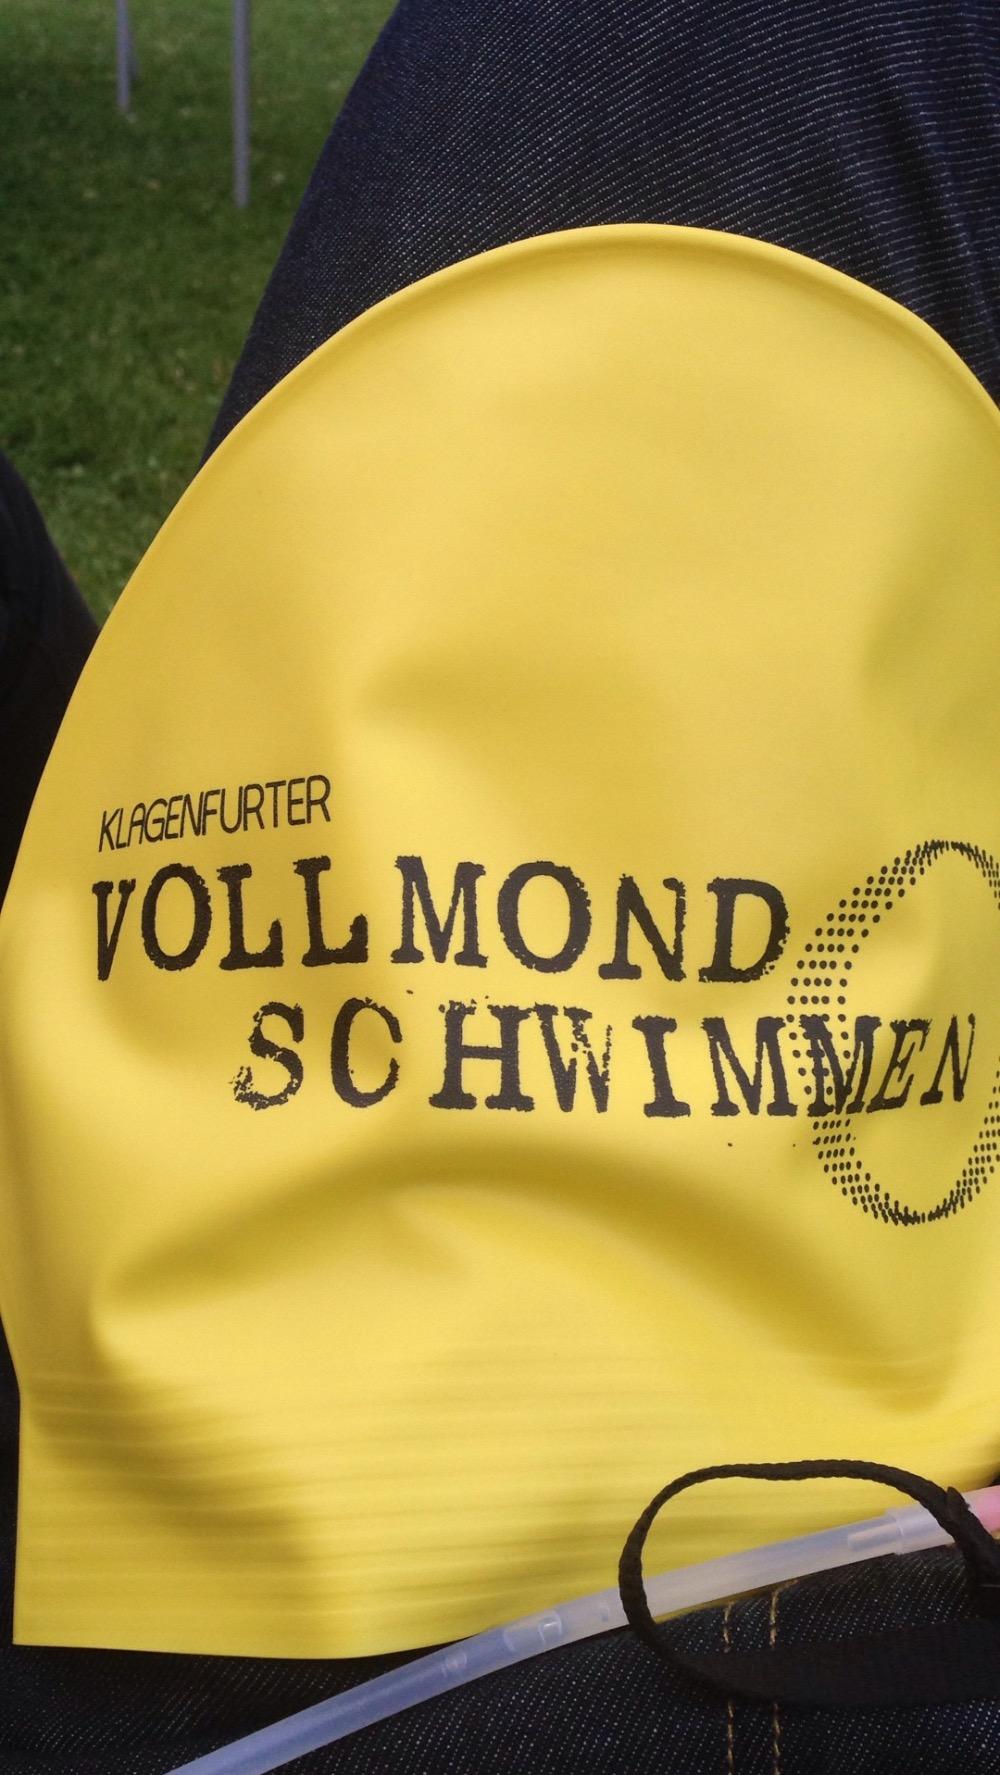 Review Vollmondschwimmen 2015 in Klagenfurt